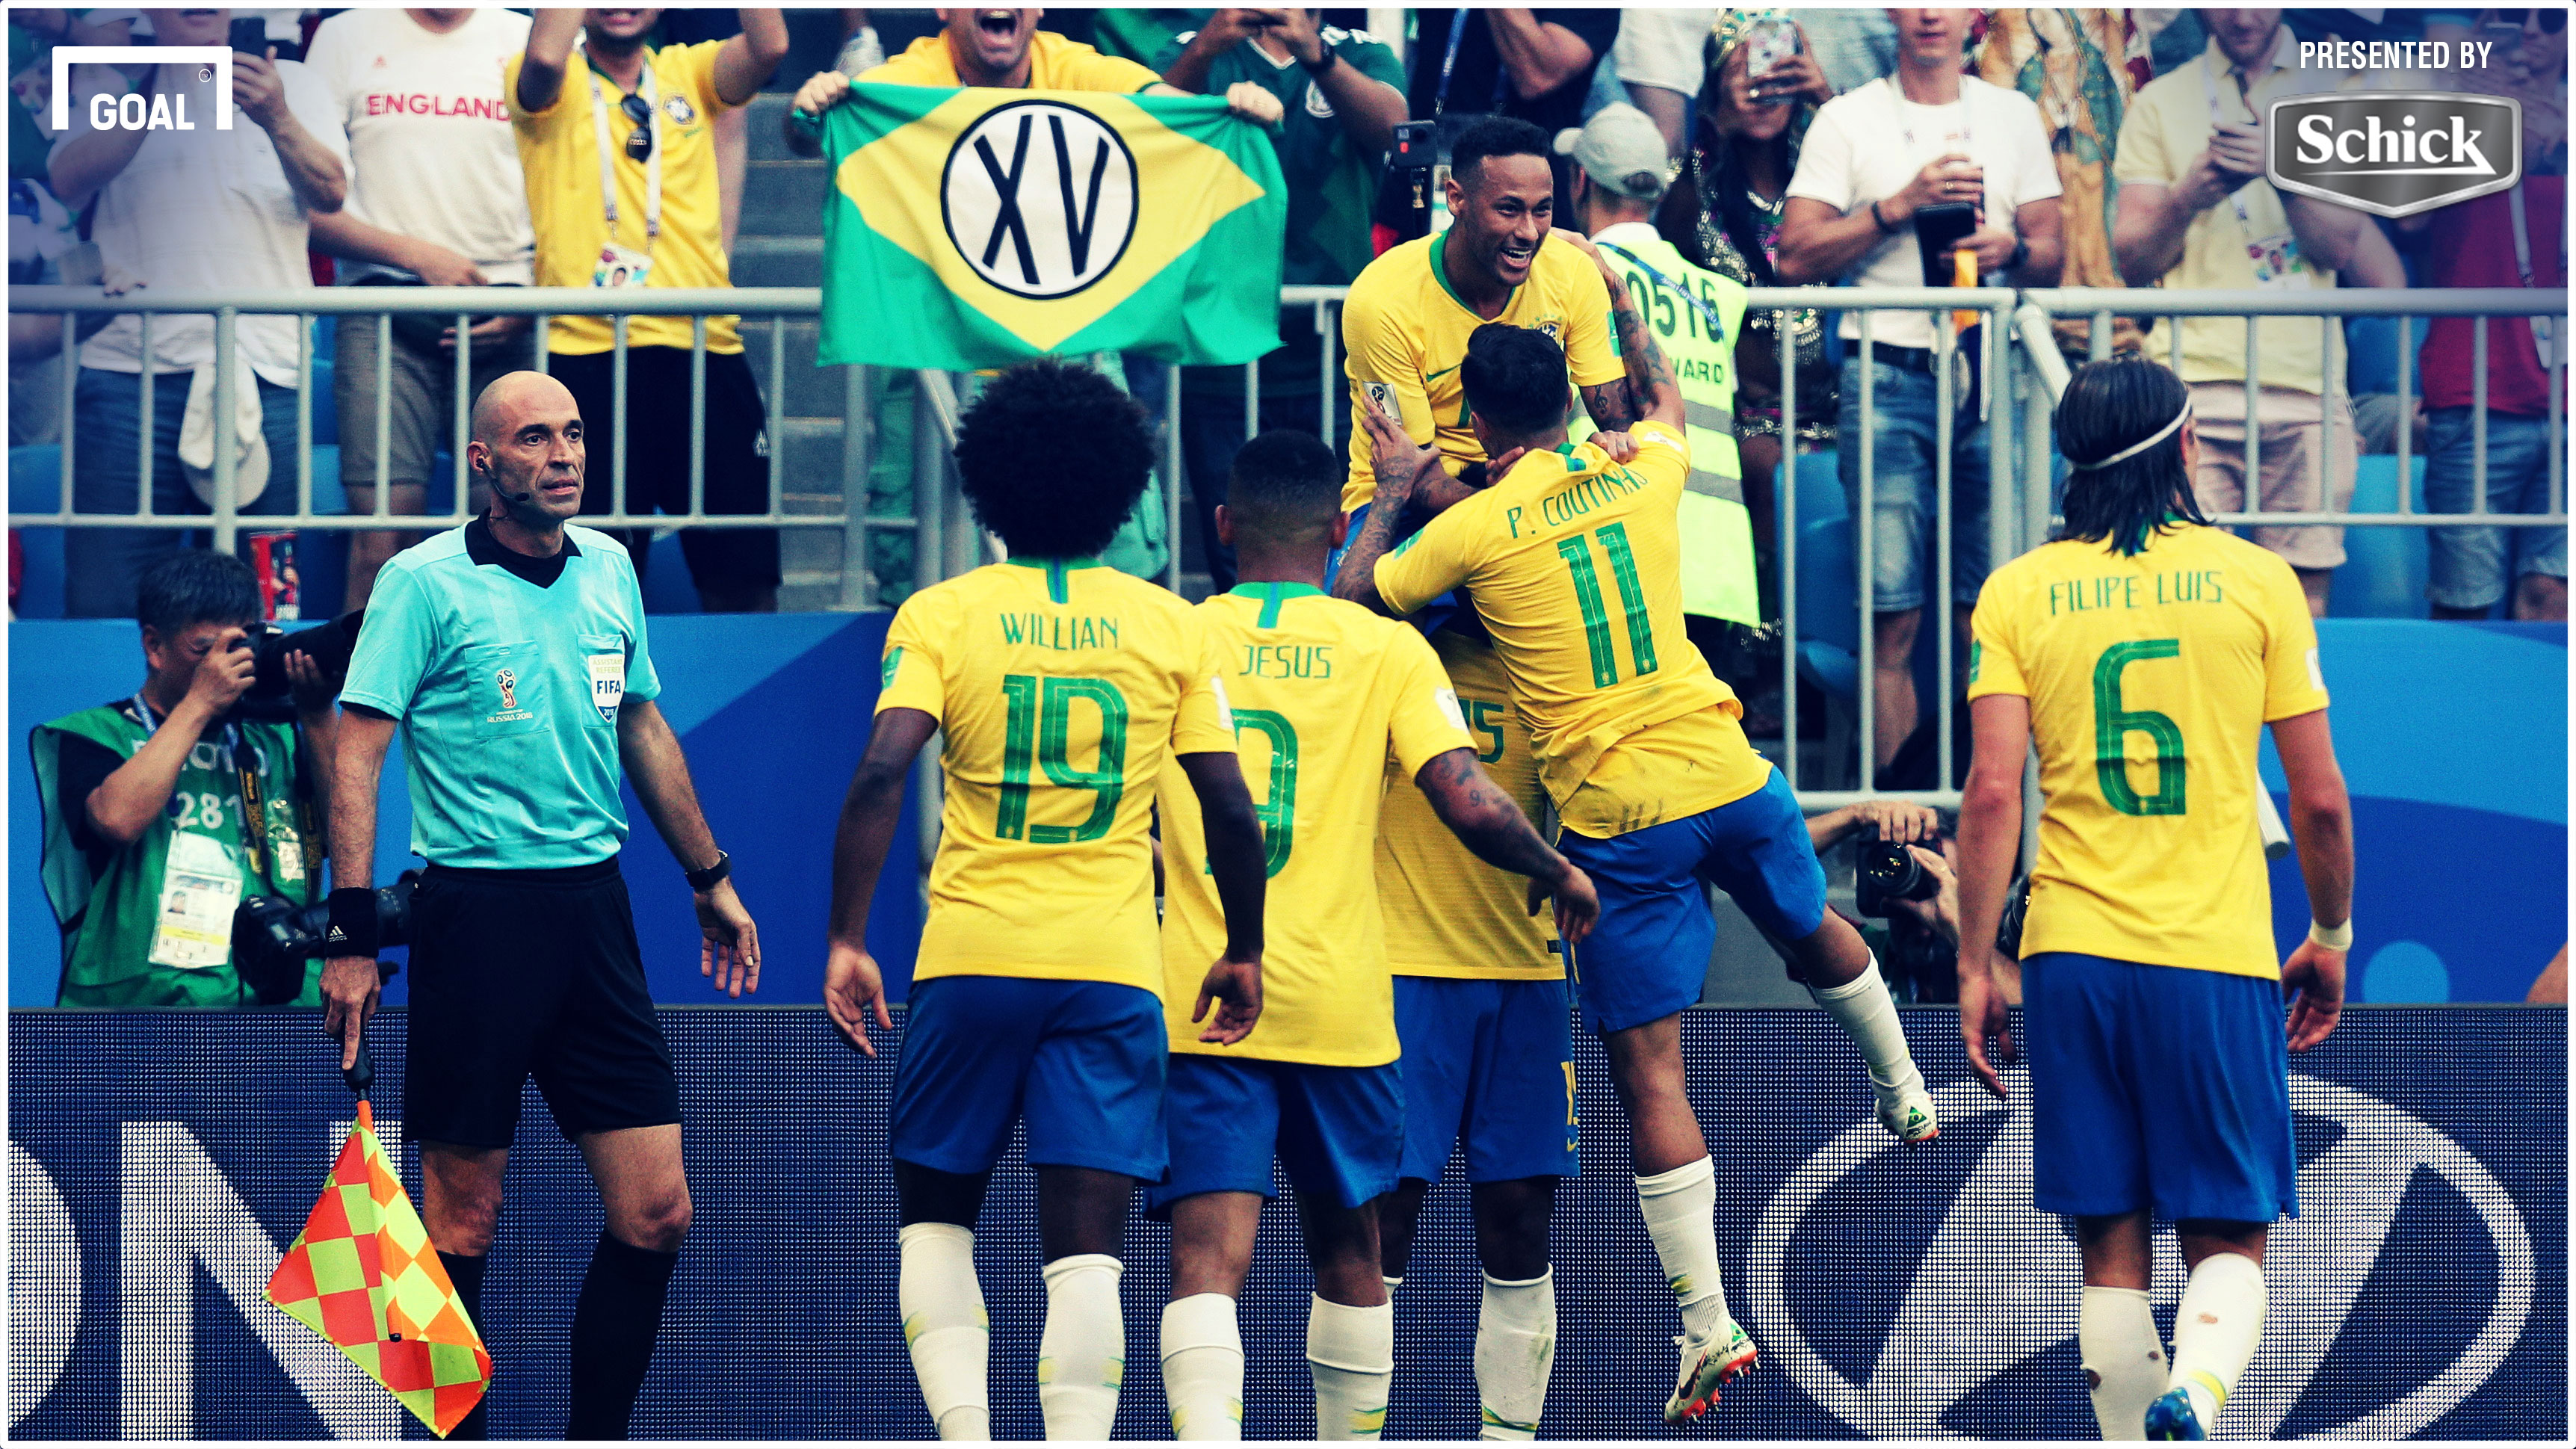 Mondiali: la Francia passa, ora tocca a Brasile - Belgio